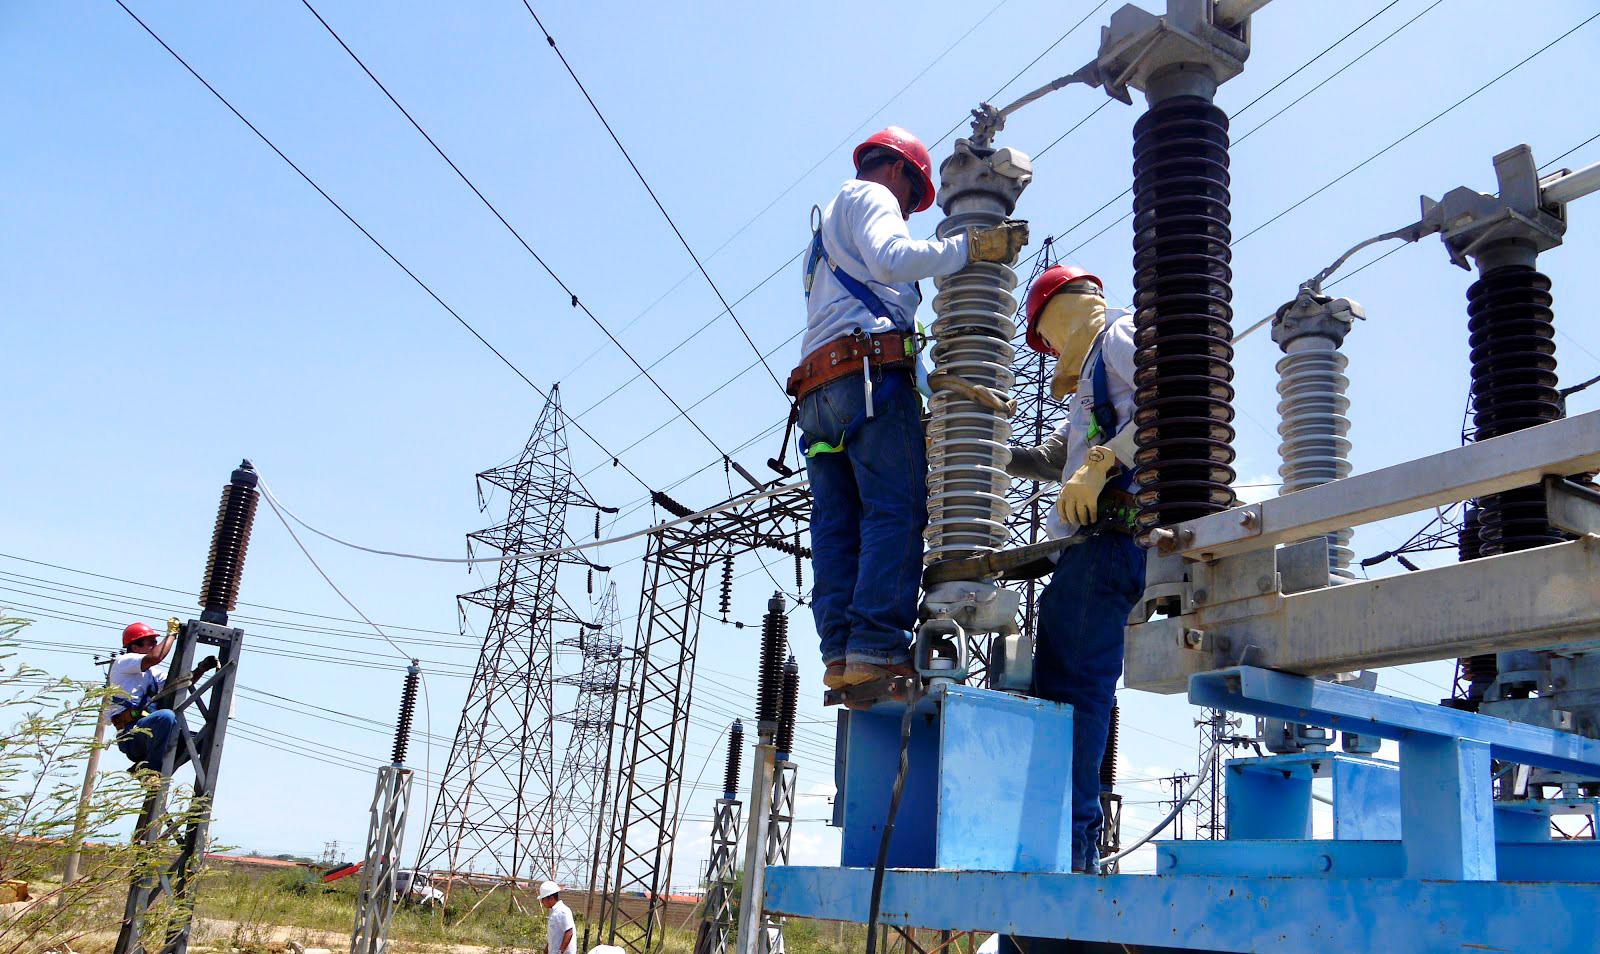 Devaluaci n subi pago a generadores de electricidad en us - Generadores de electricidad ...